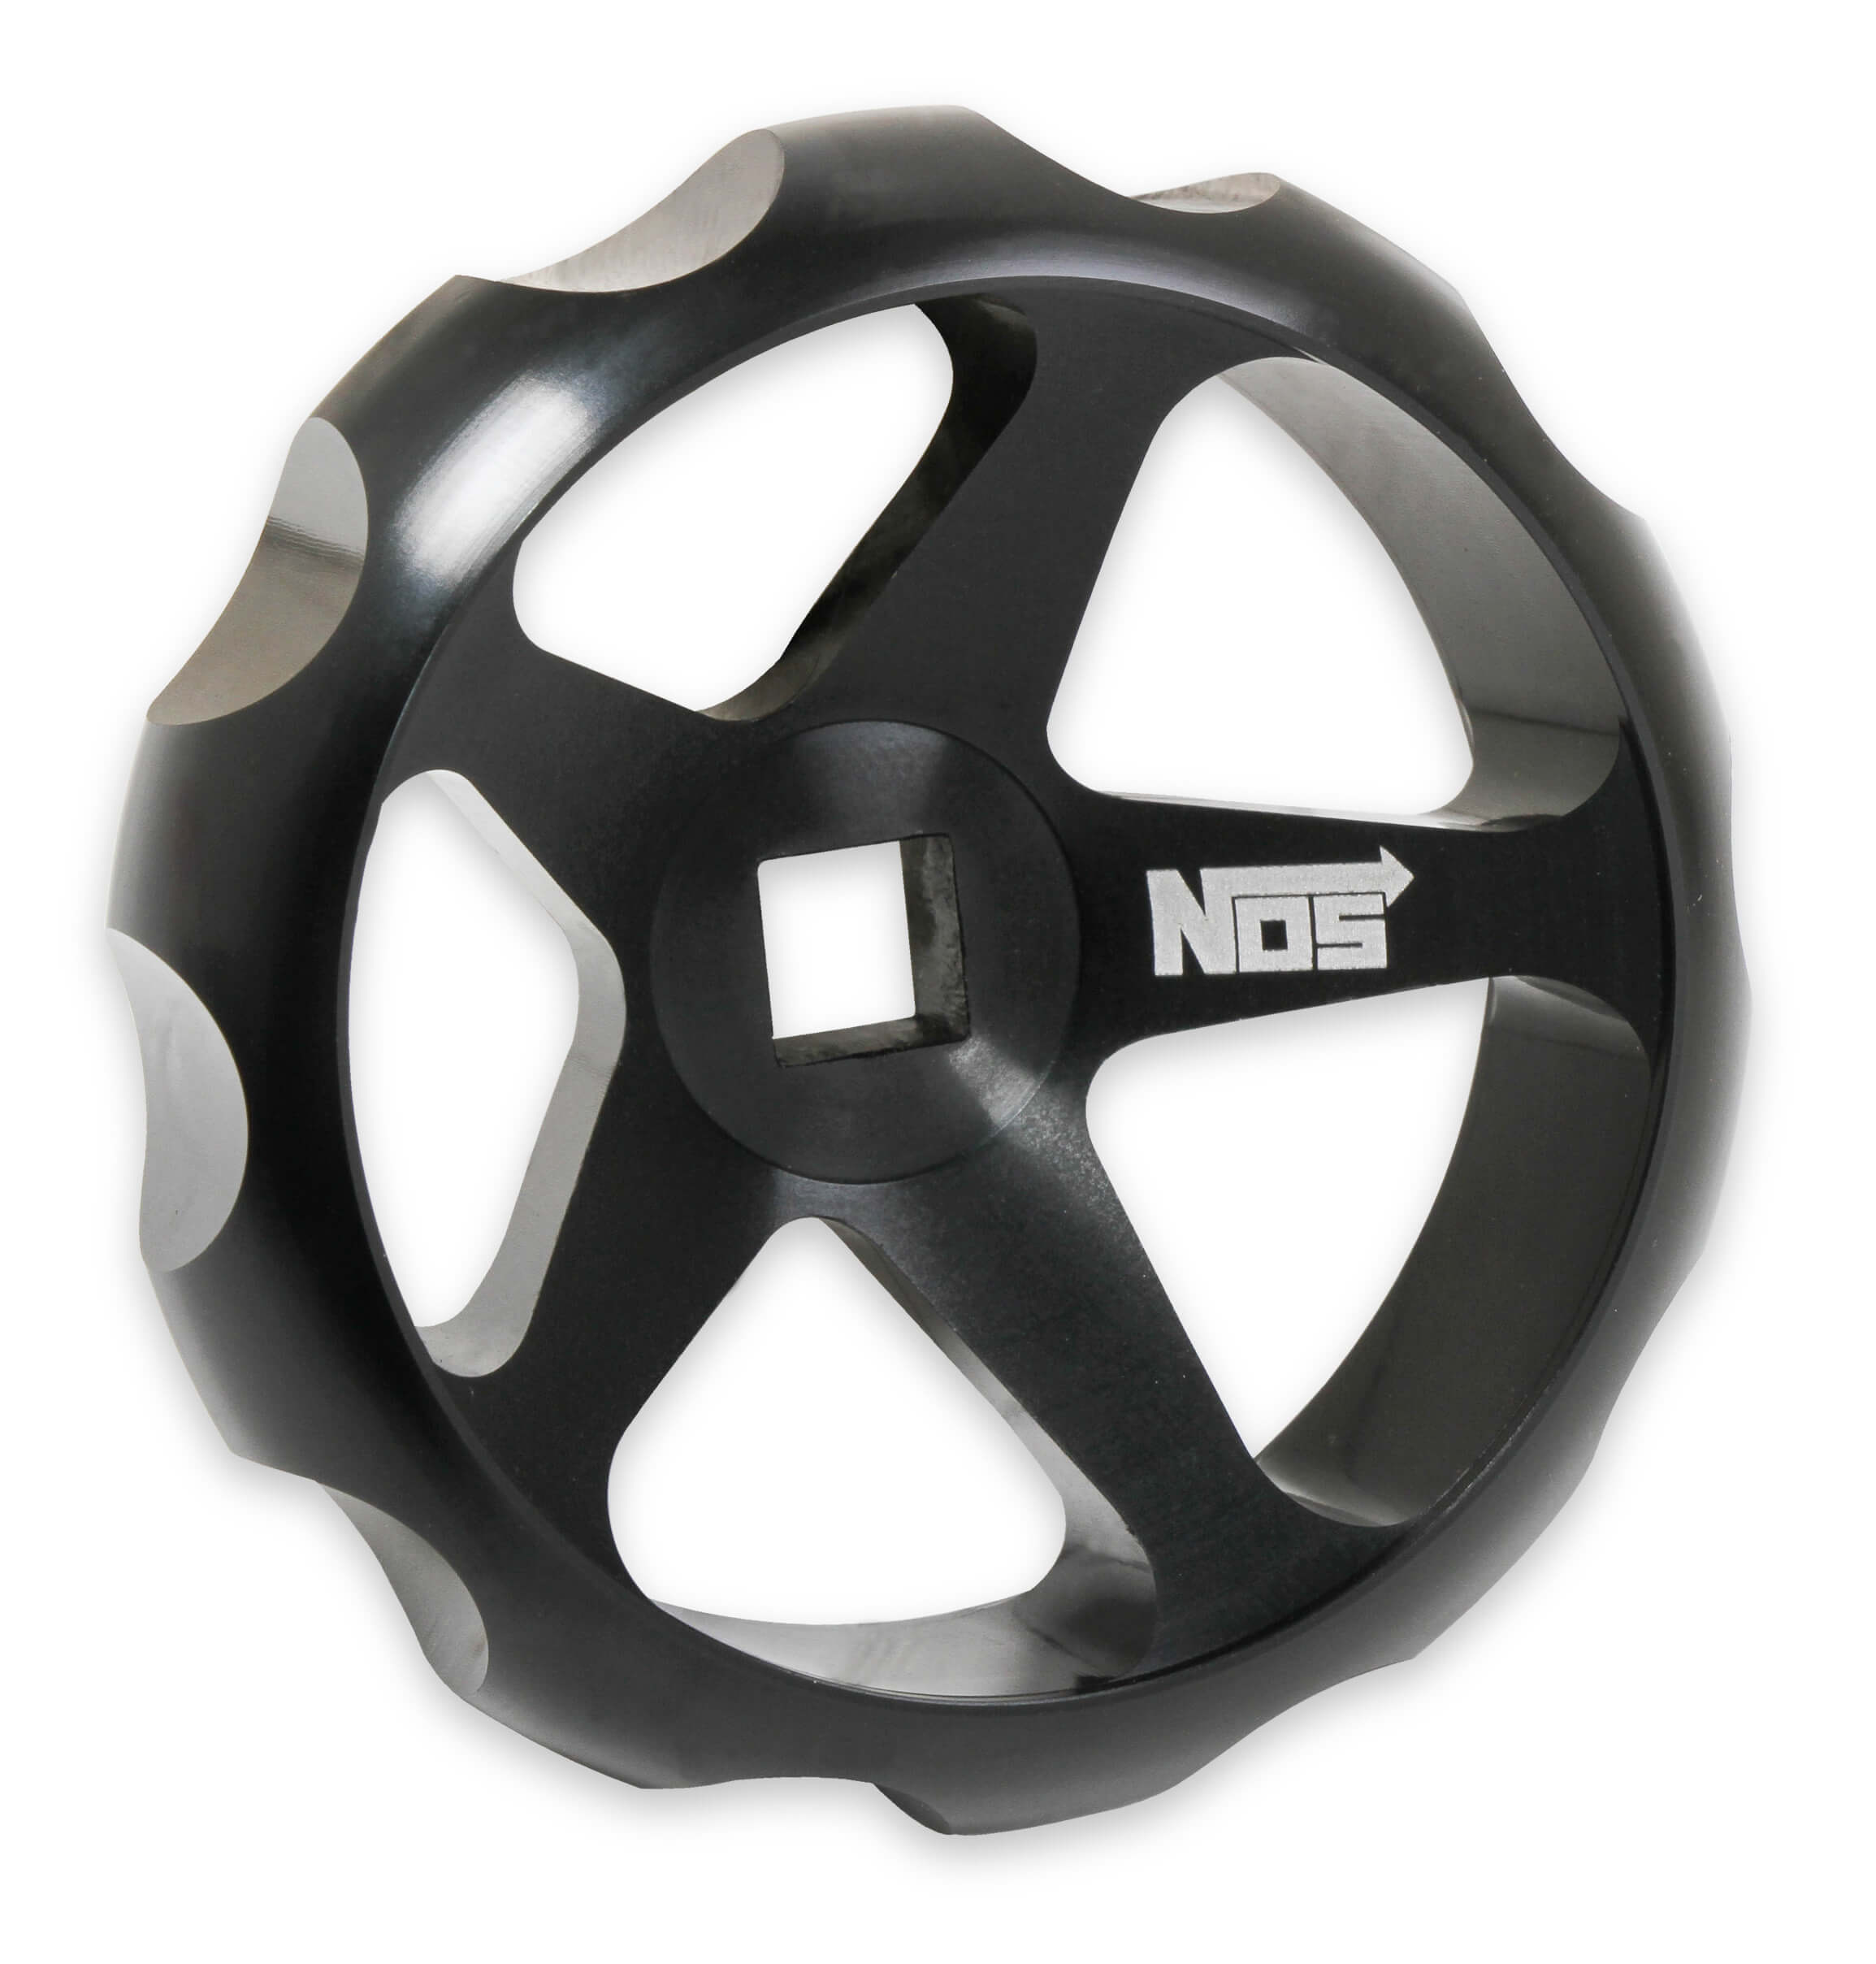 Nitrous Oxide Systems Billet Hand Wheel for NOS Bottle Valves